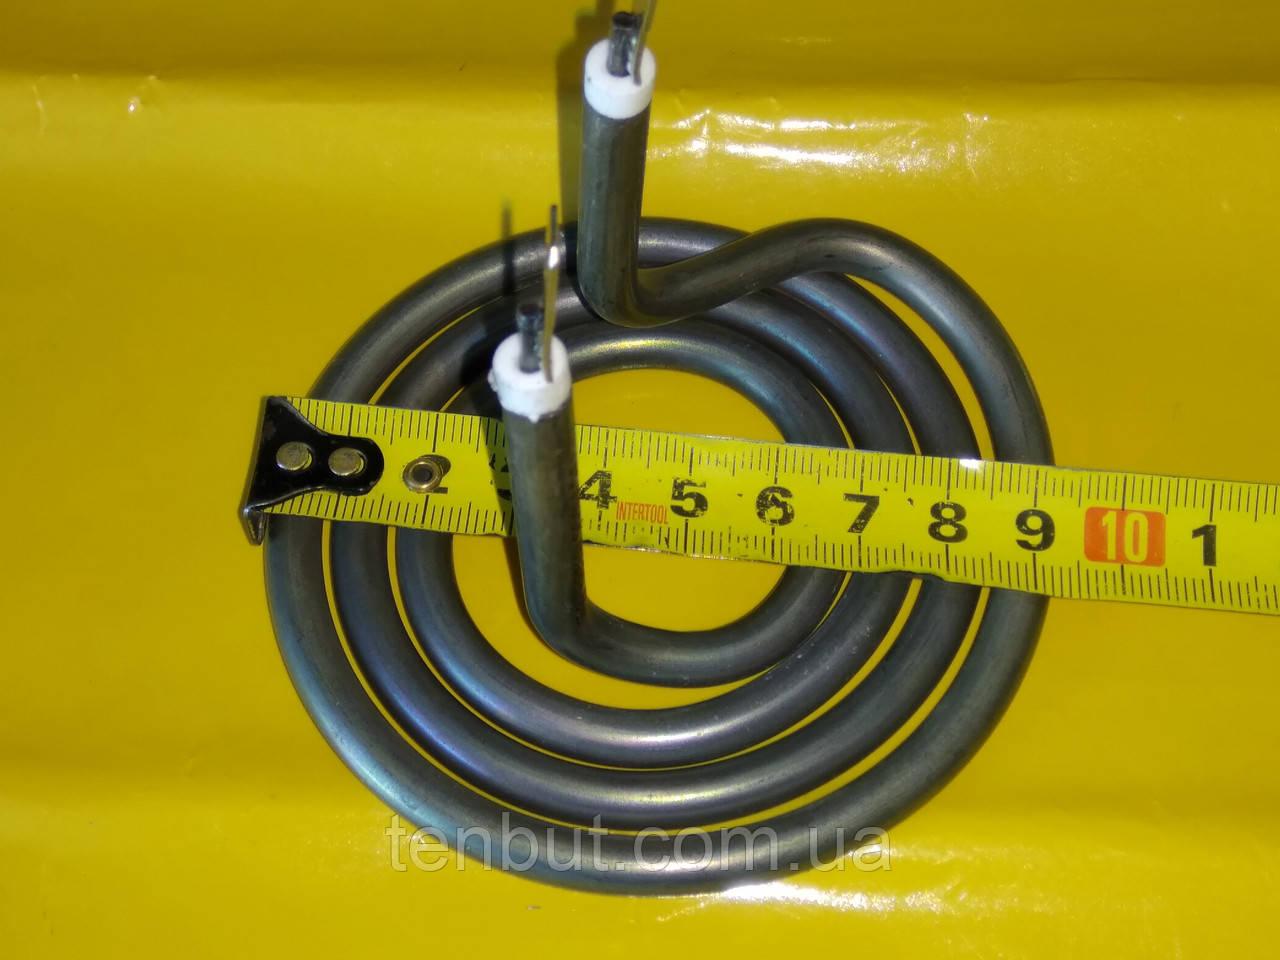 Тэн МИНИ для туристических электроплит 220 В / 600 Вт. / Ø 95 мм. производитель Турция